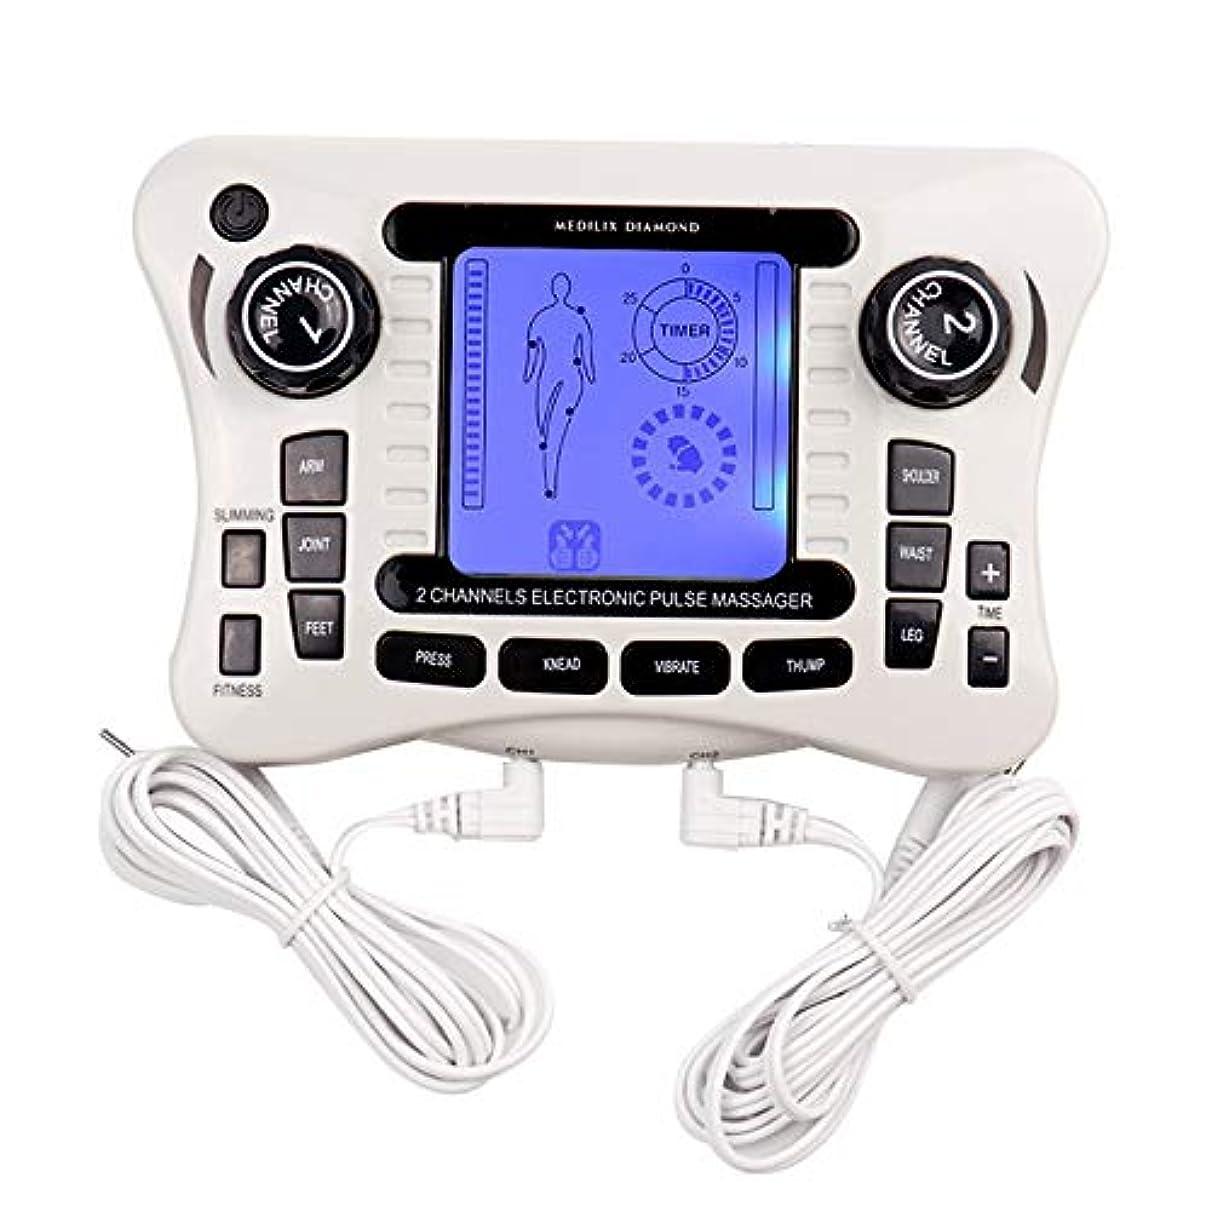 繊維踏みつけ複雑でない電子パルスマッサージャー/十emsトレーナーボディマッサージャー筋肉刺激装置バックボディネックマッサージデュアルチャンネル療法機